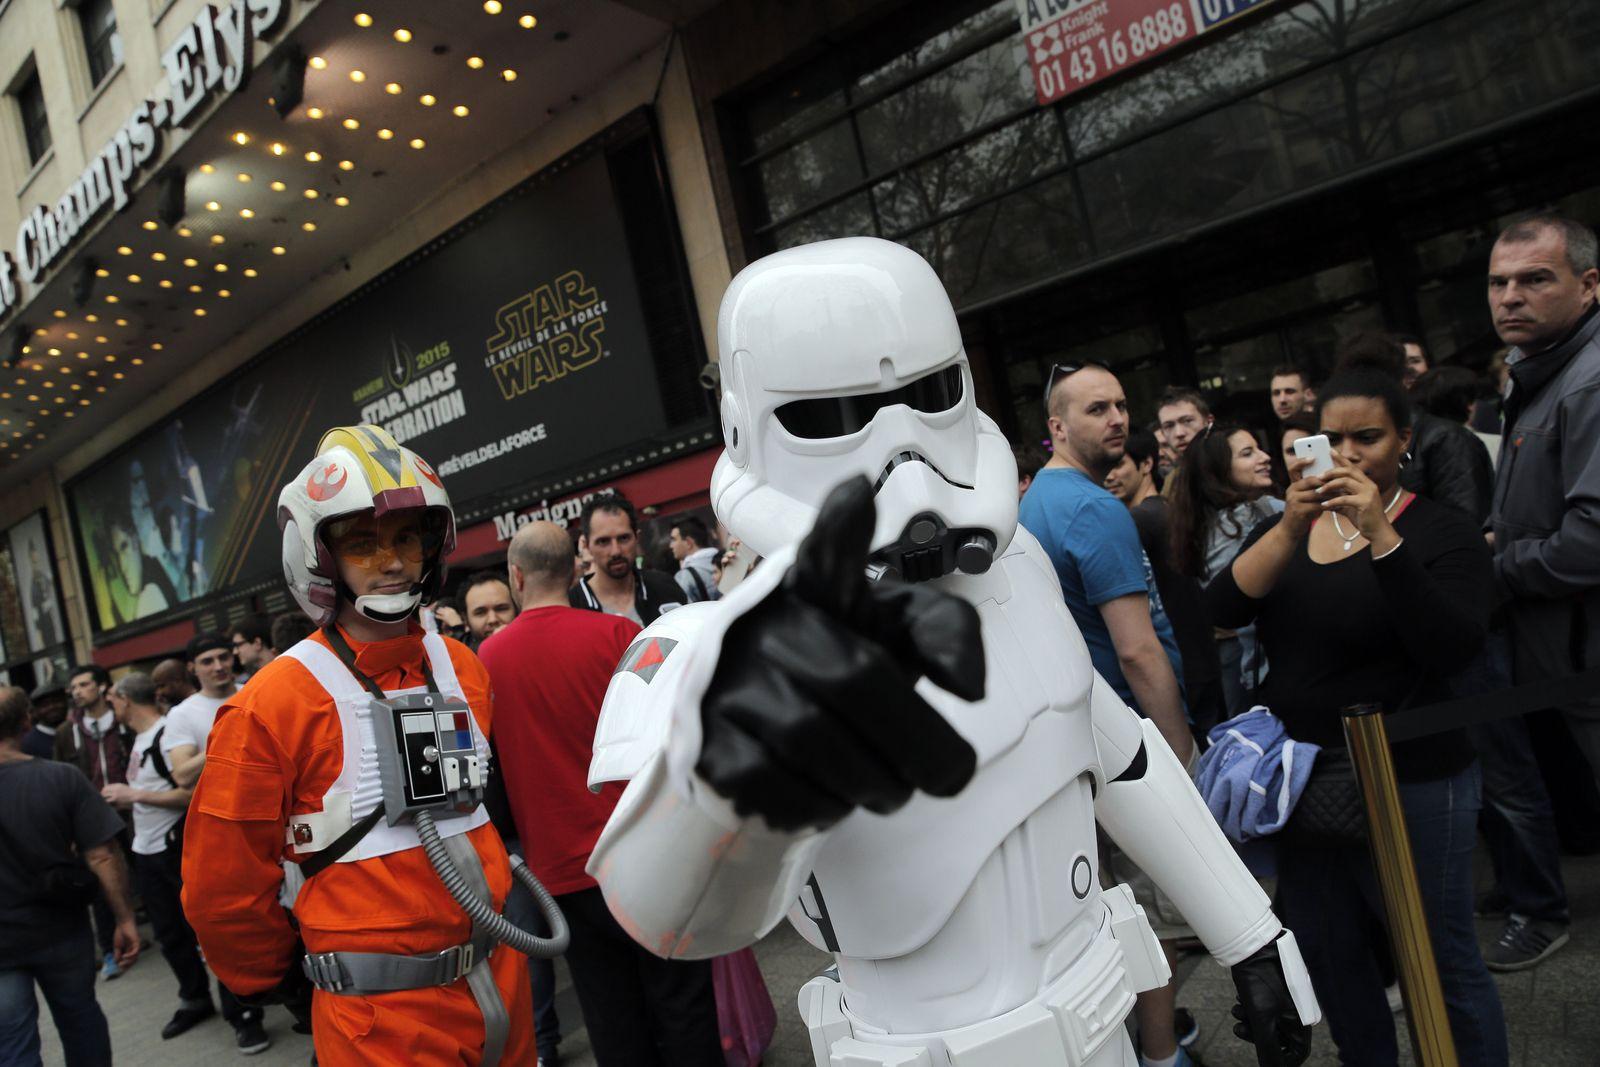 France Star Wars Celebration